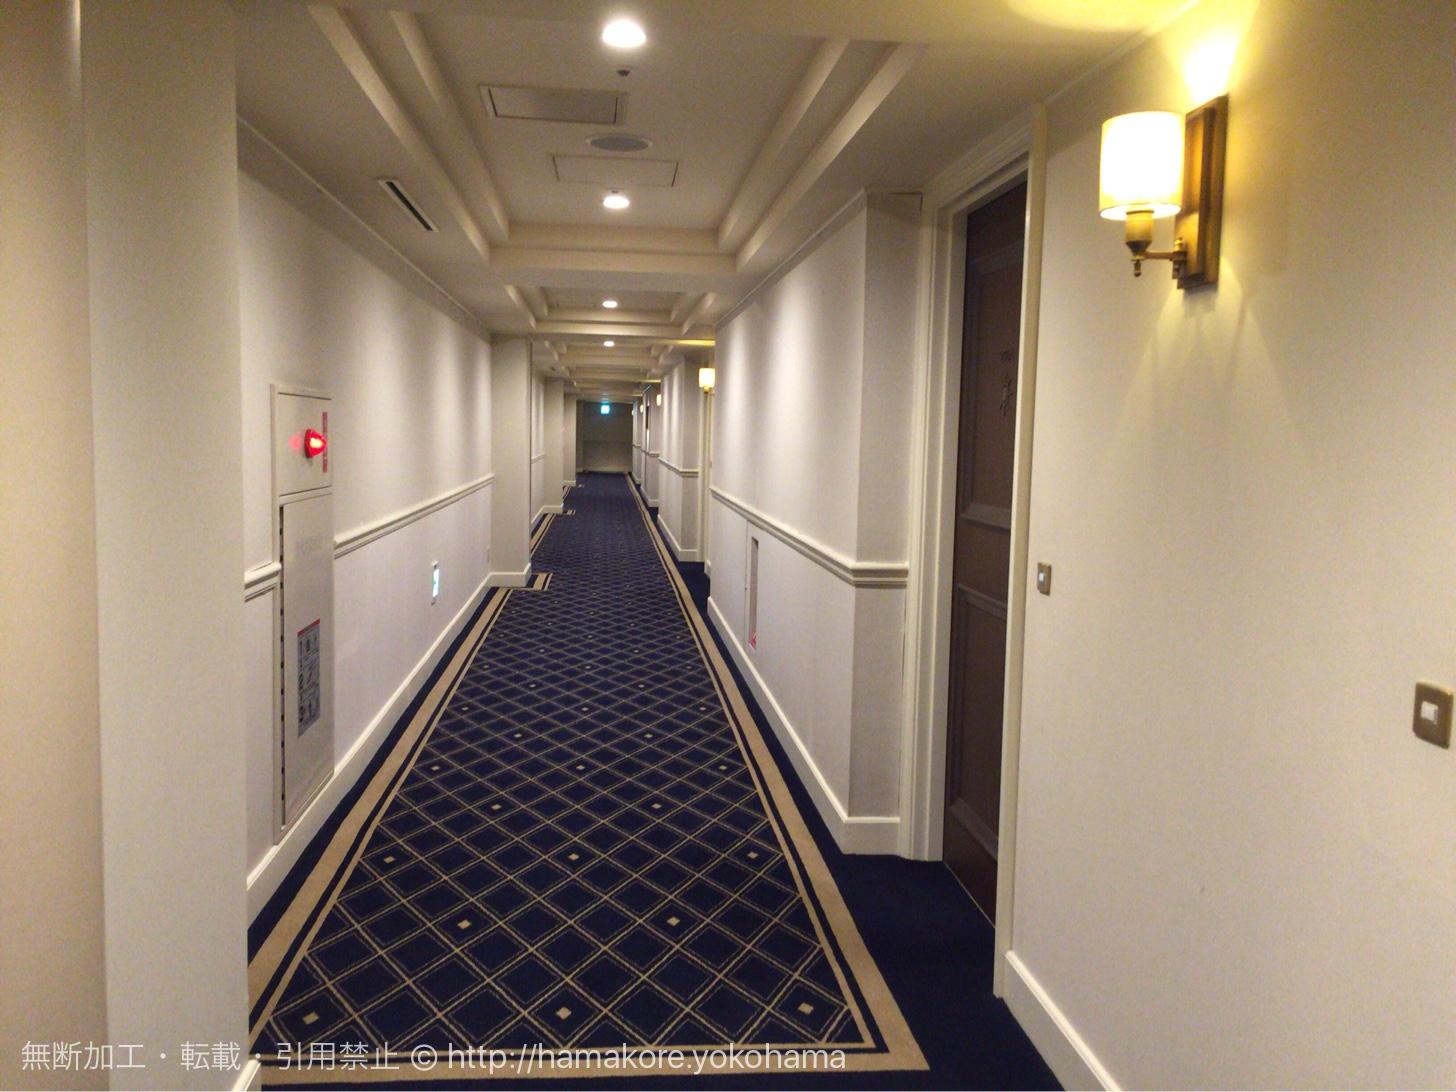 ヨコハマ グランド インターコンチネンタルホテル 廊下